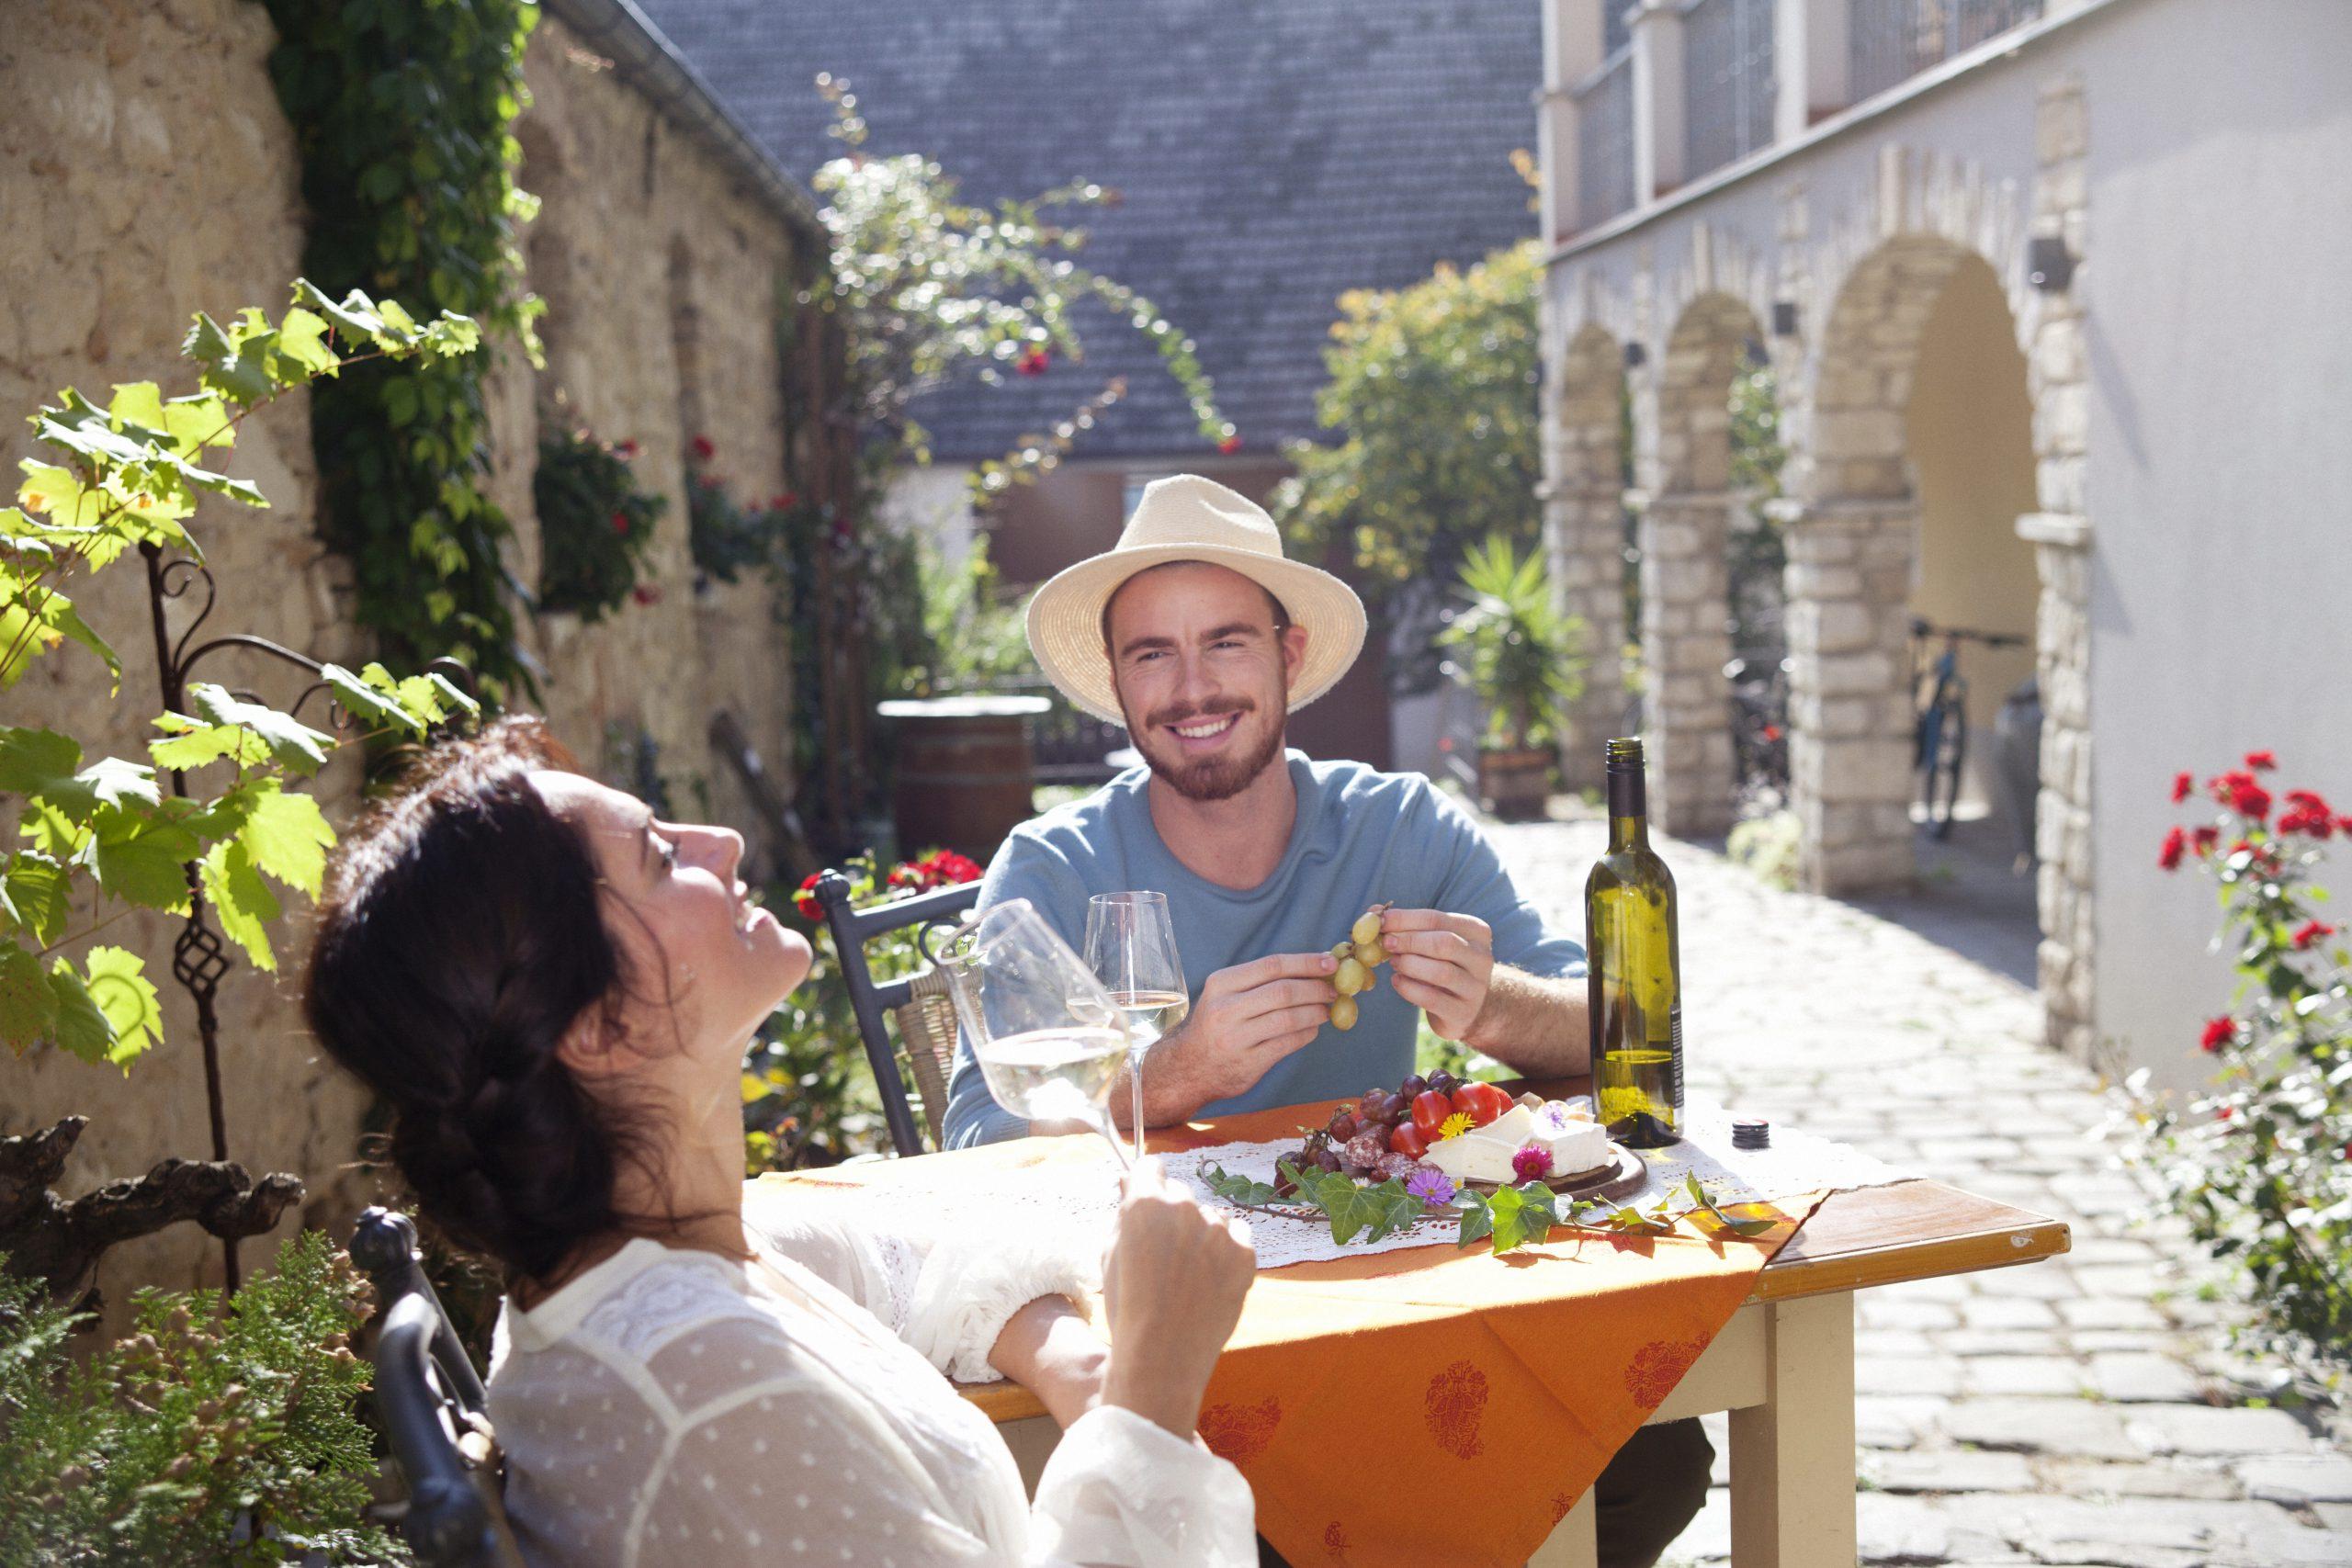 Wine enjoyment c NTG lichtig.at